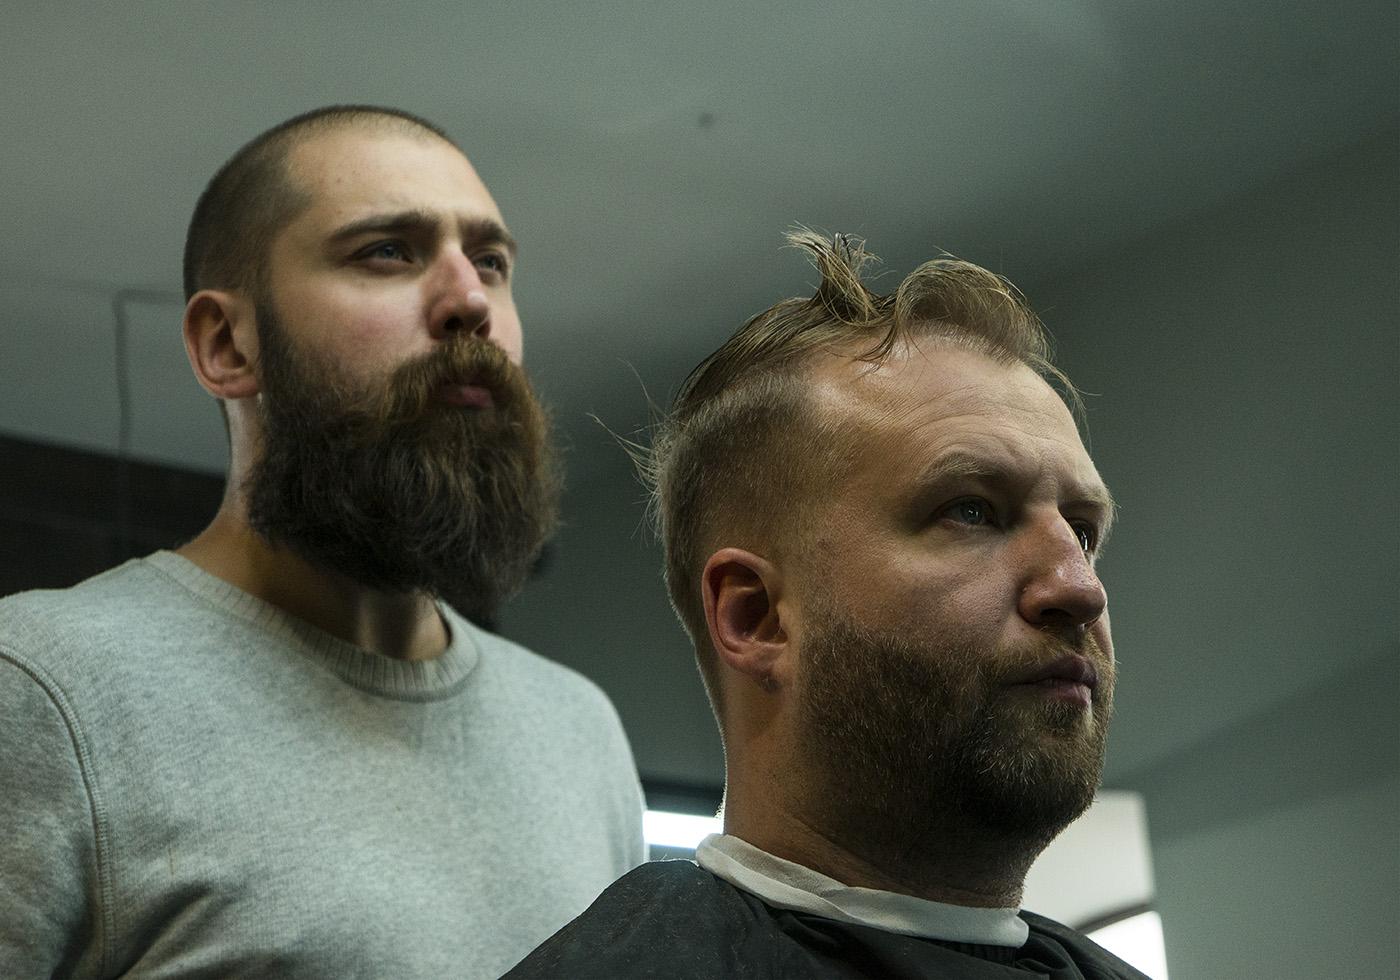 Andrei_Iliescu_Romania_Barbershop_02.jpg